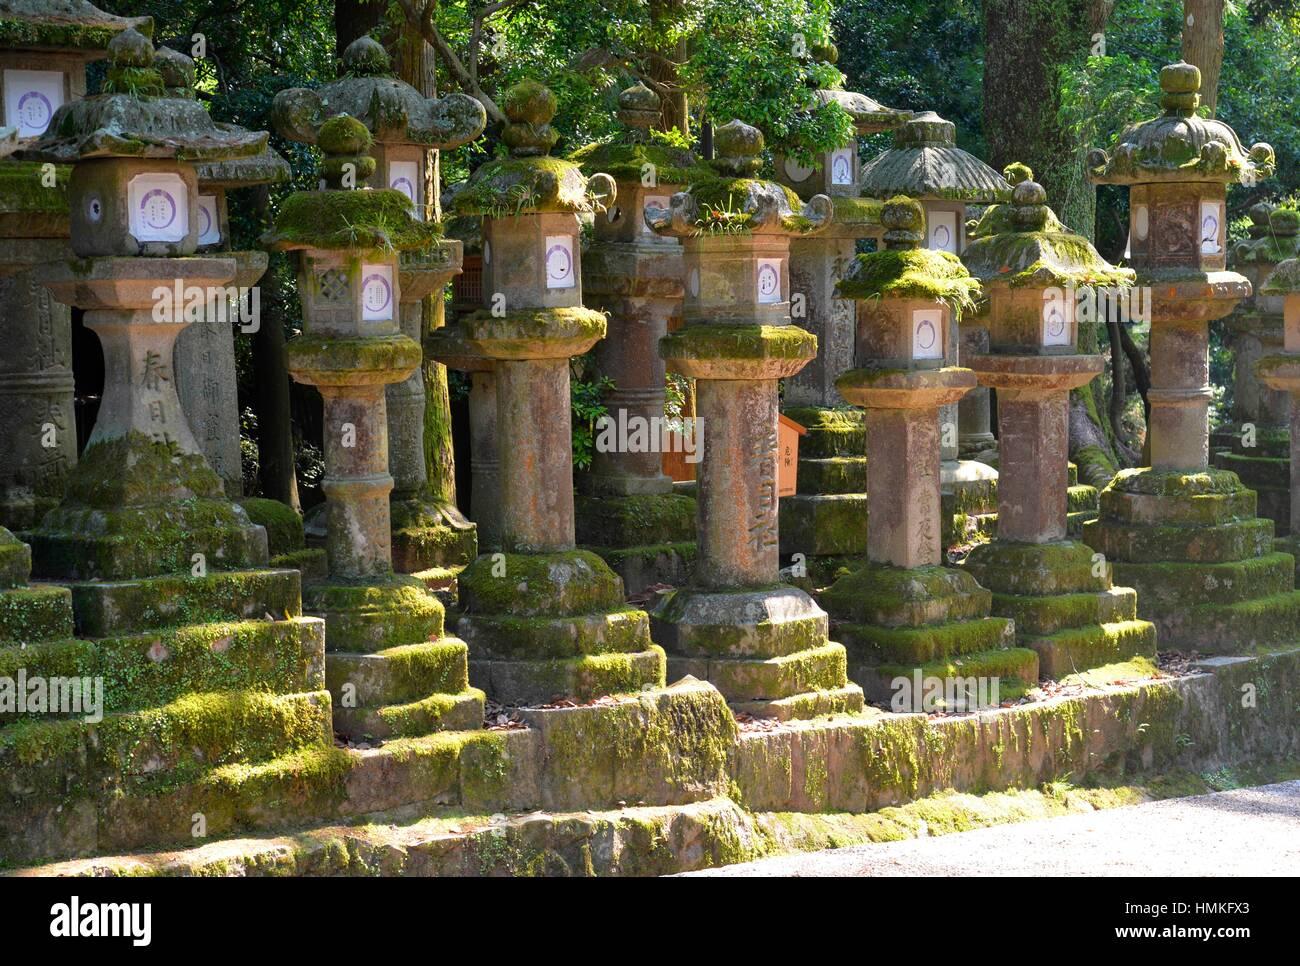 Japanese lanterns at Kasuga-taisha Shrine, Nara, Japan. - Stock Image